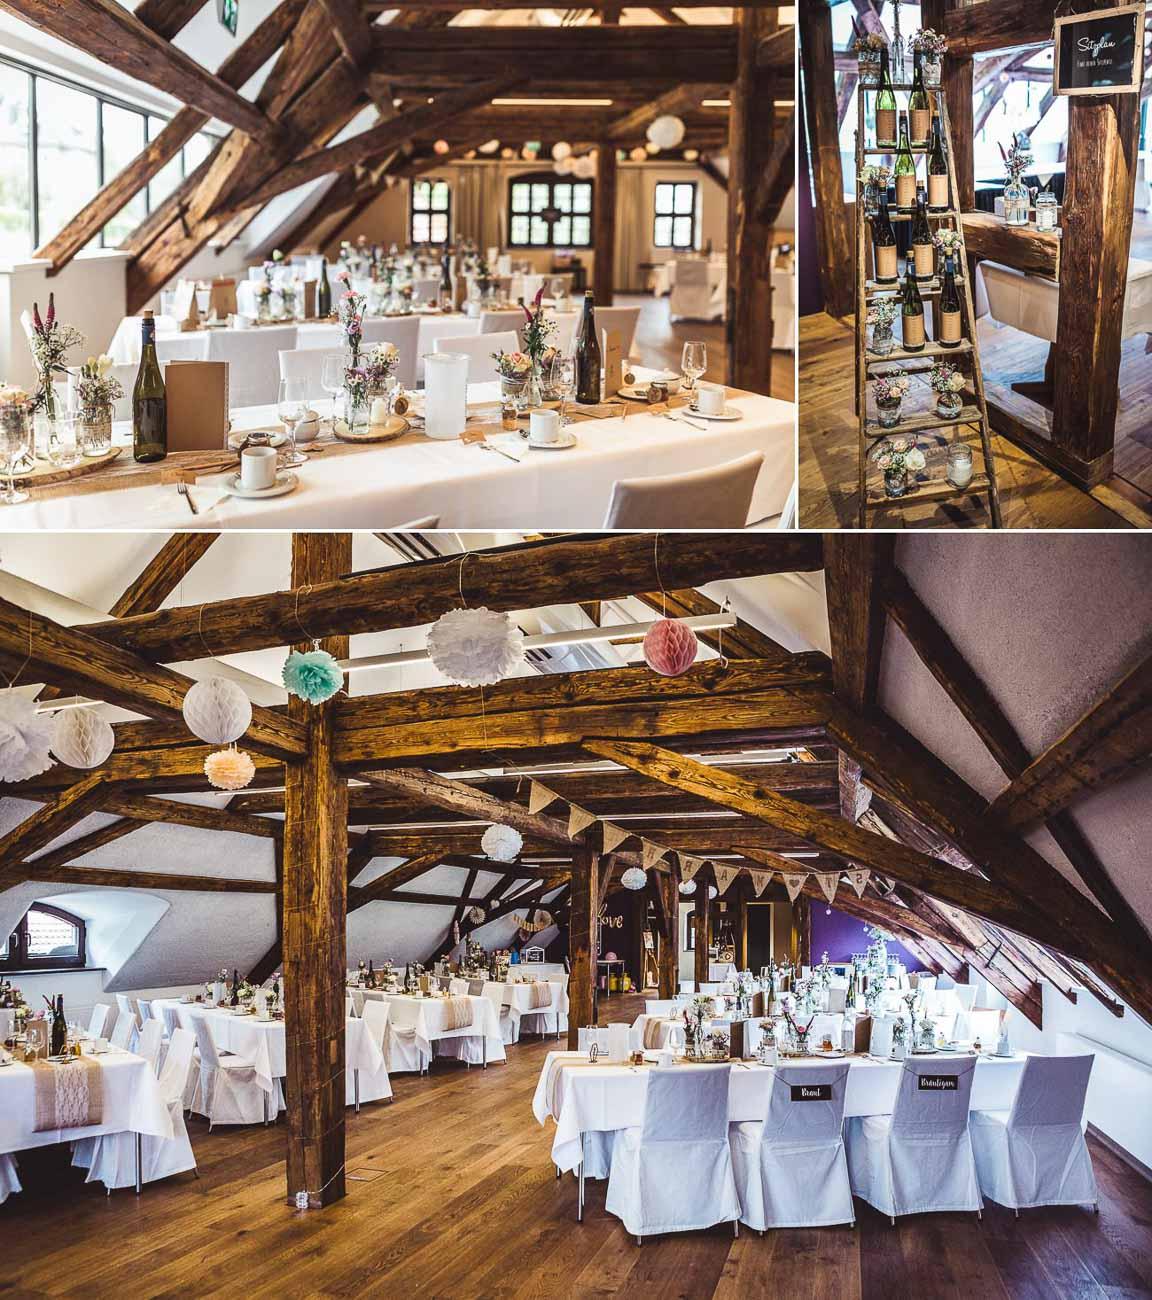 Weingut_Hofloeßnitz_Hochzeitsreportage_002-_